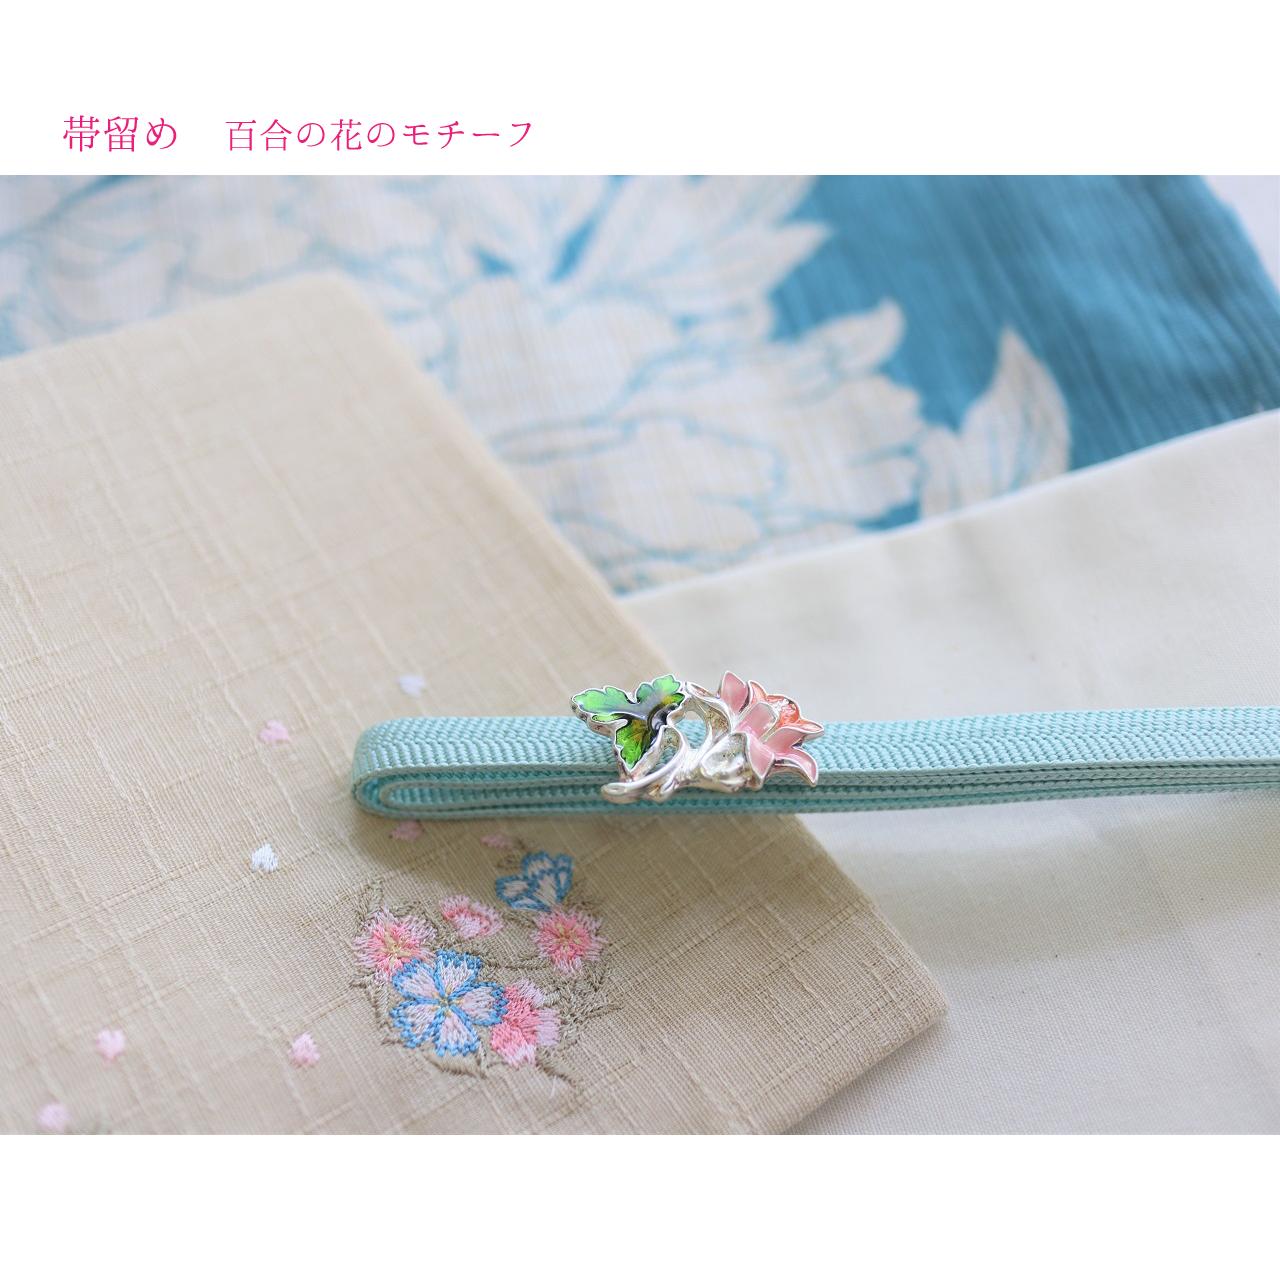 【帯留め】百合のお花モチーフ